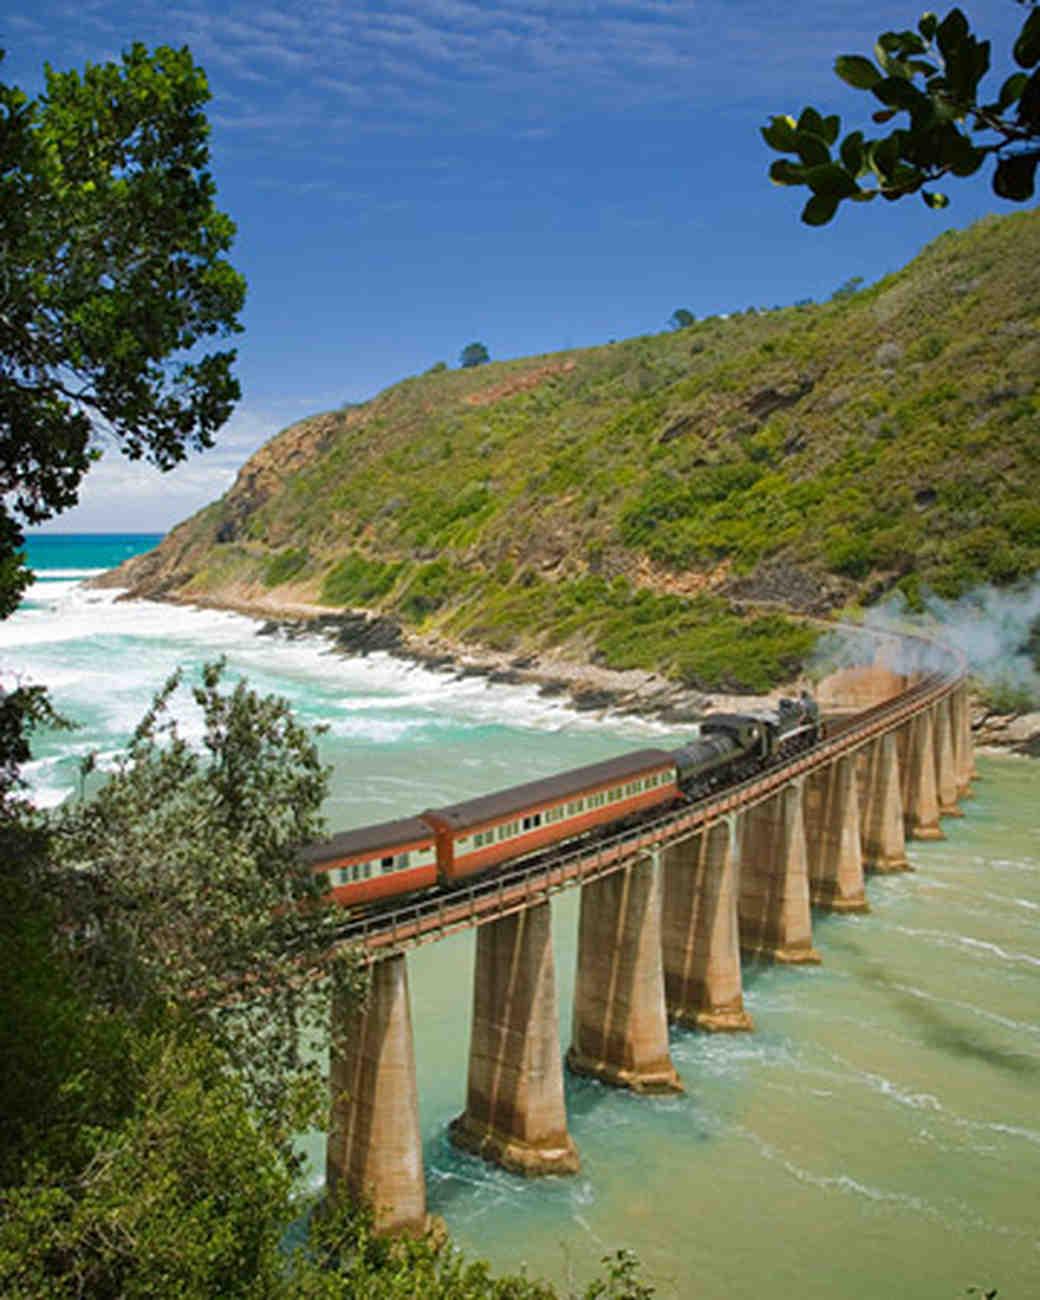 ws1556_spr08_ride_rails.jpg